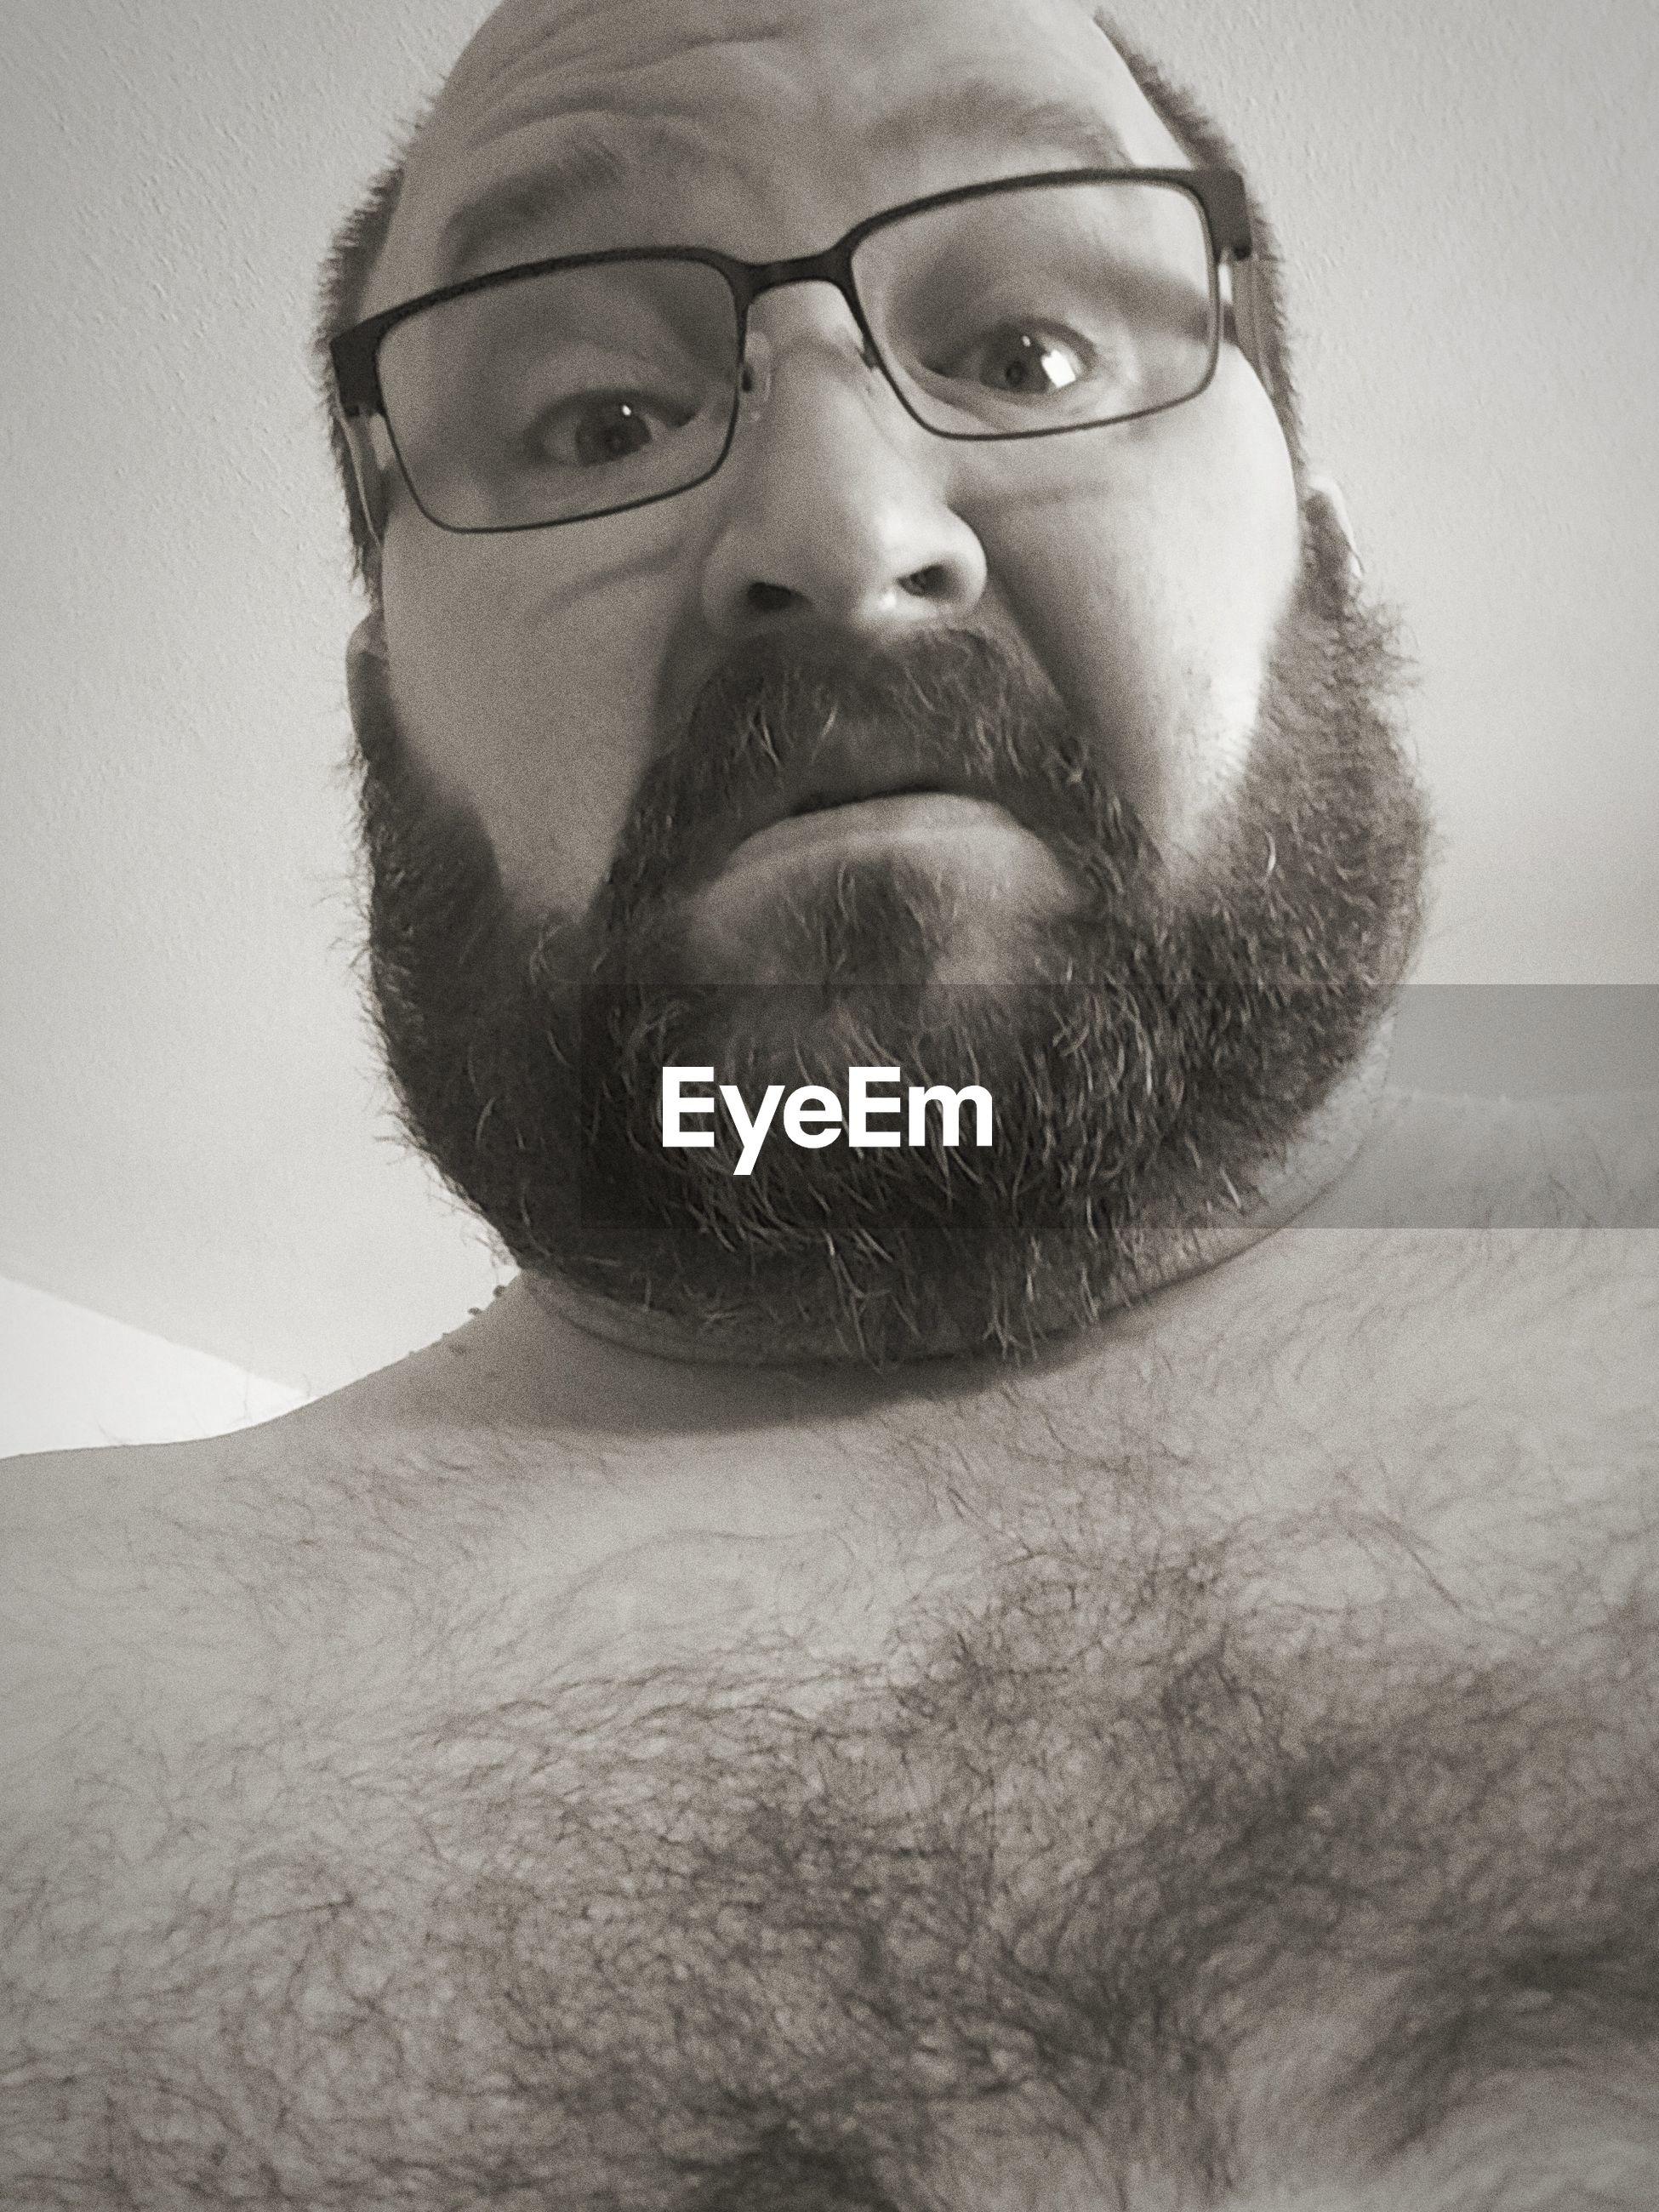 Portrait of shirtless man wearing eyeglasses